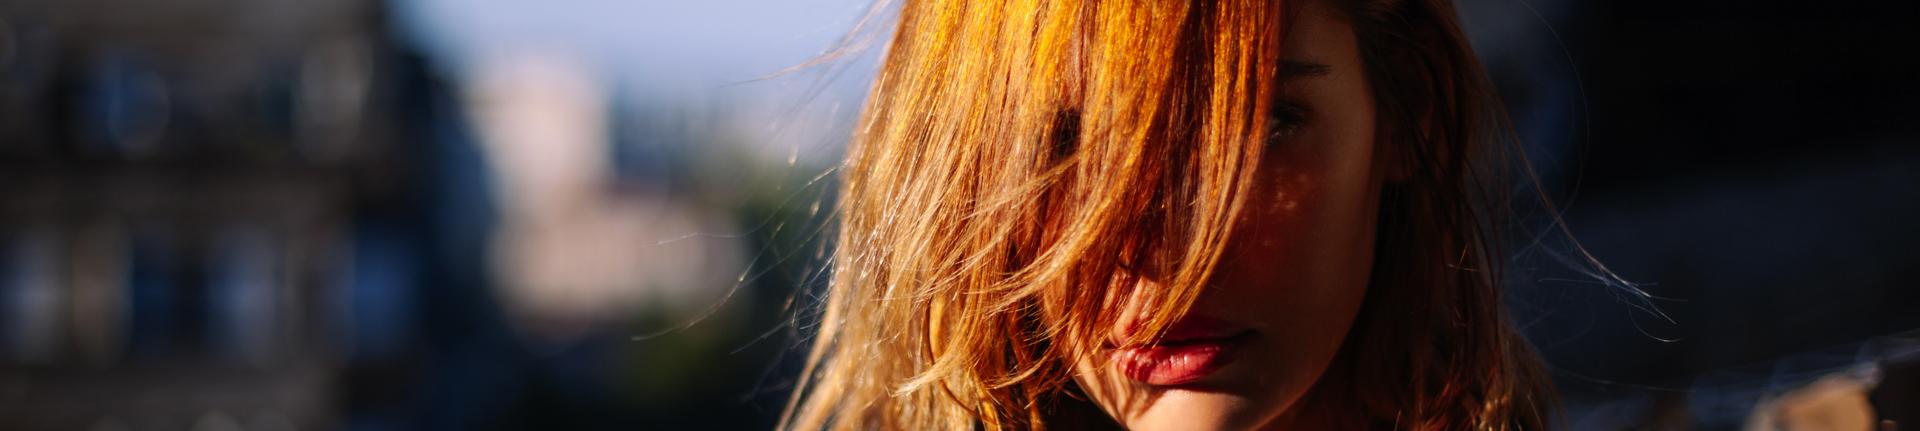 Pintar o cabelo em casa: o que é preciso saber?